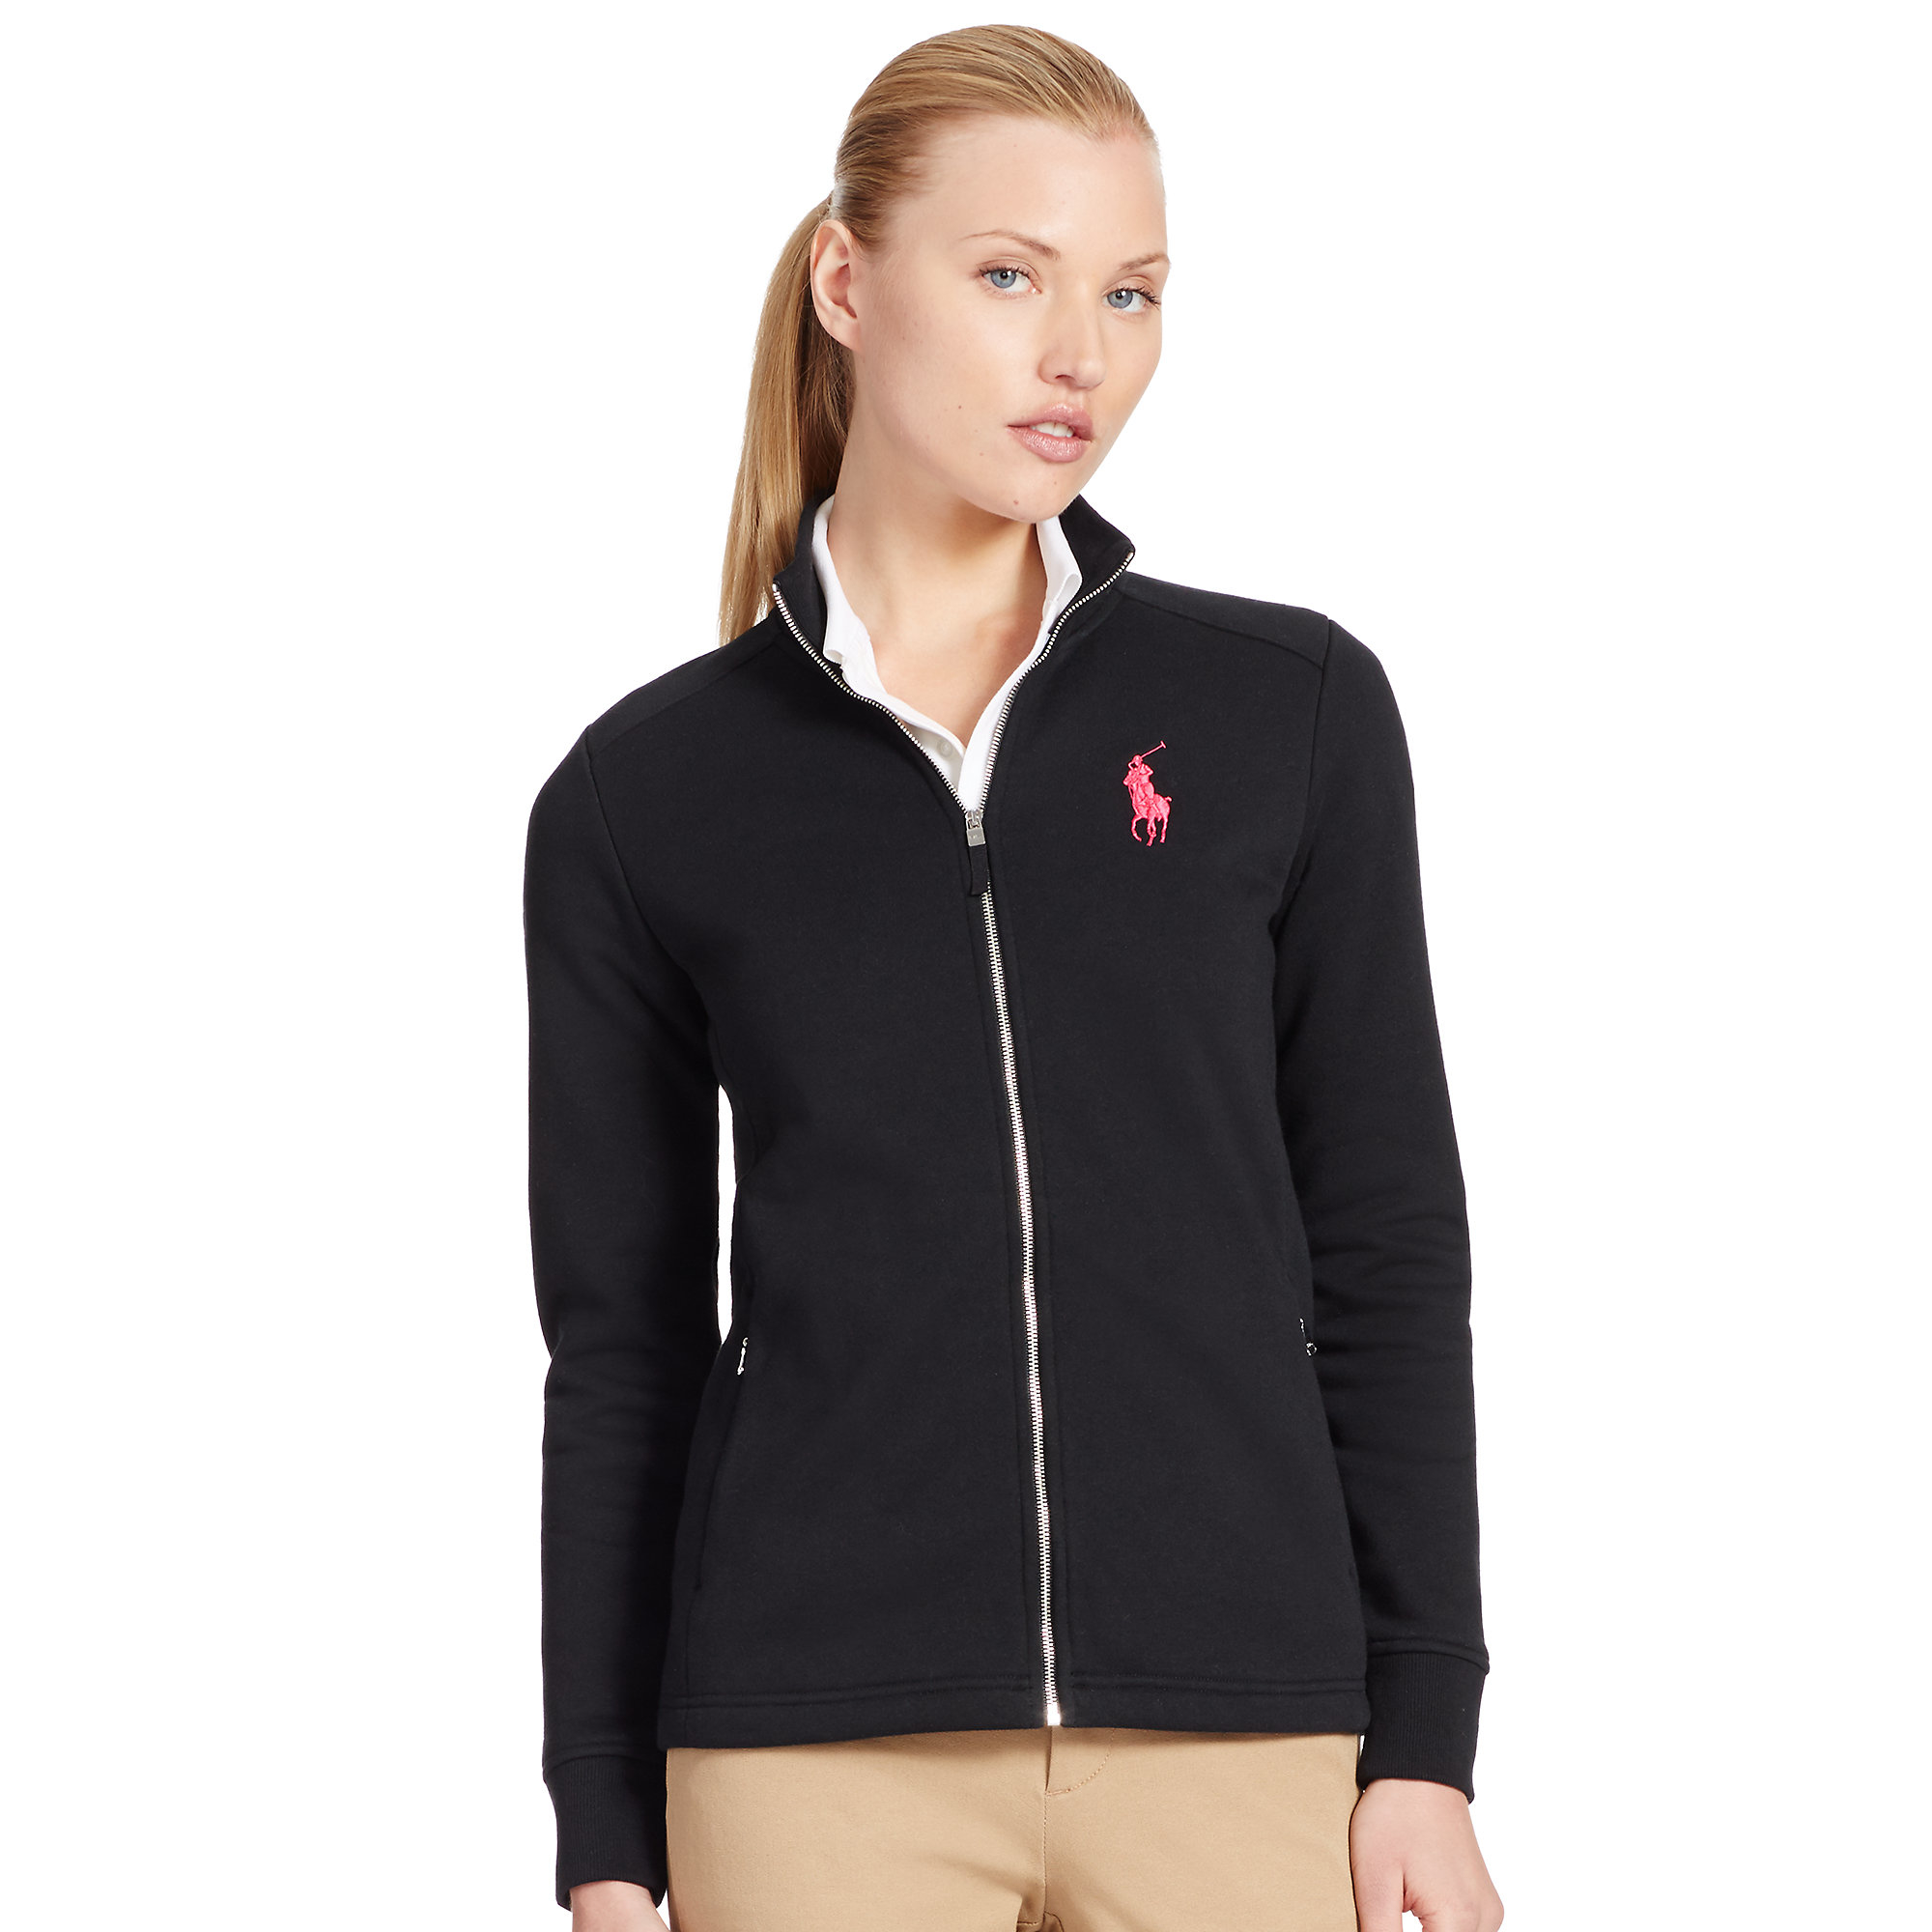 Polo Zip Up Jacket